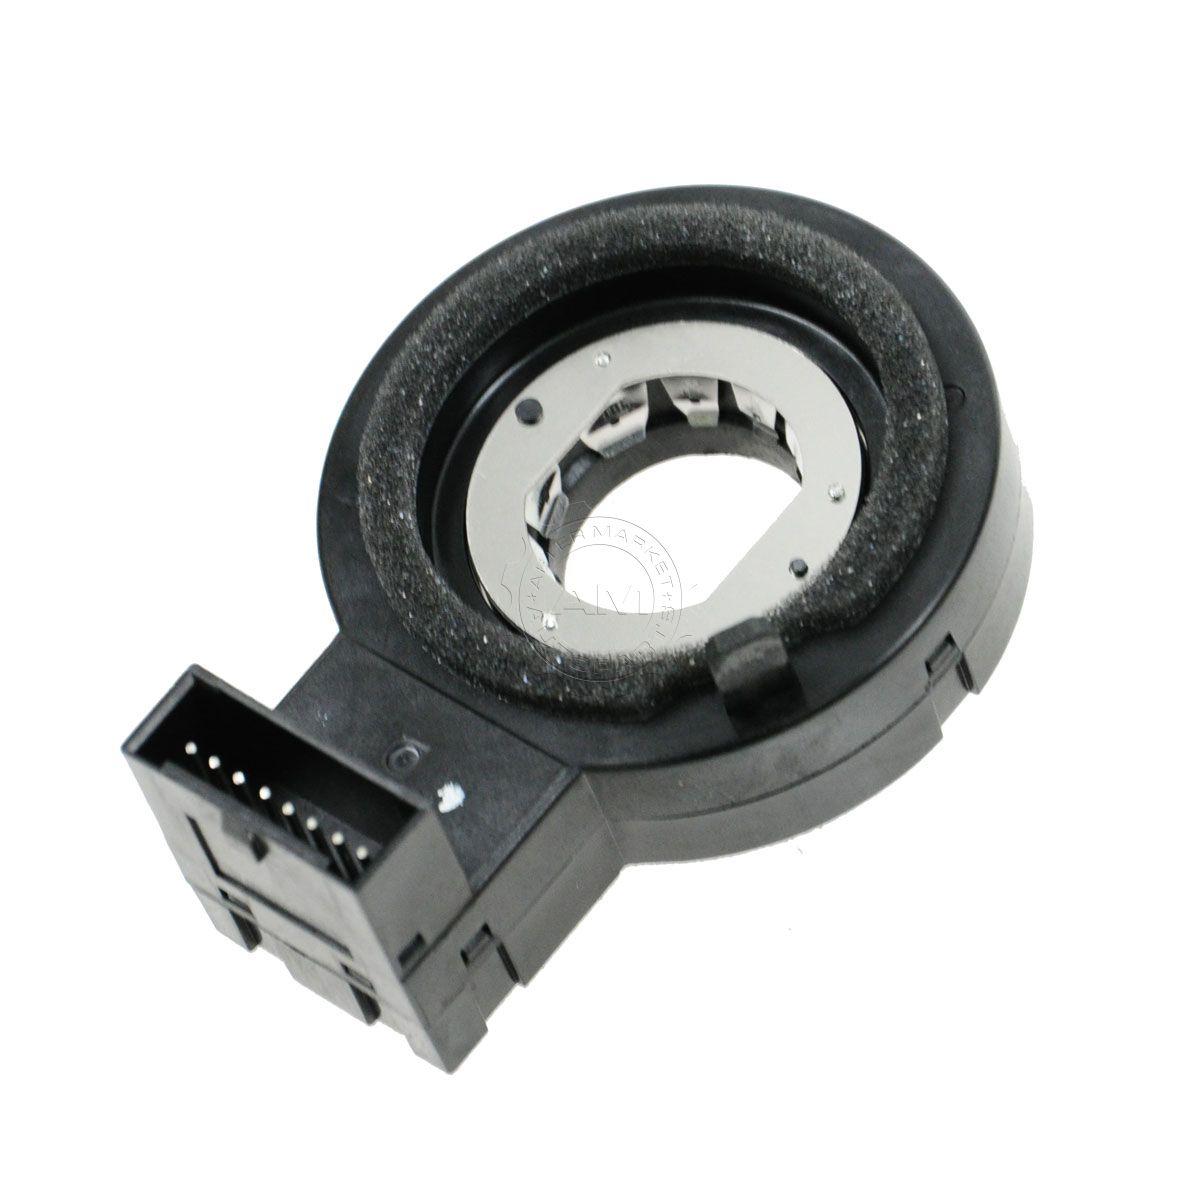 2011 Saab 43533 Camshaft: Dorman Steering Wheel Position Sensor For Buick Cadillac